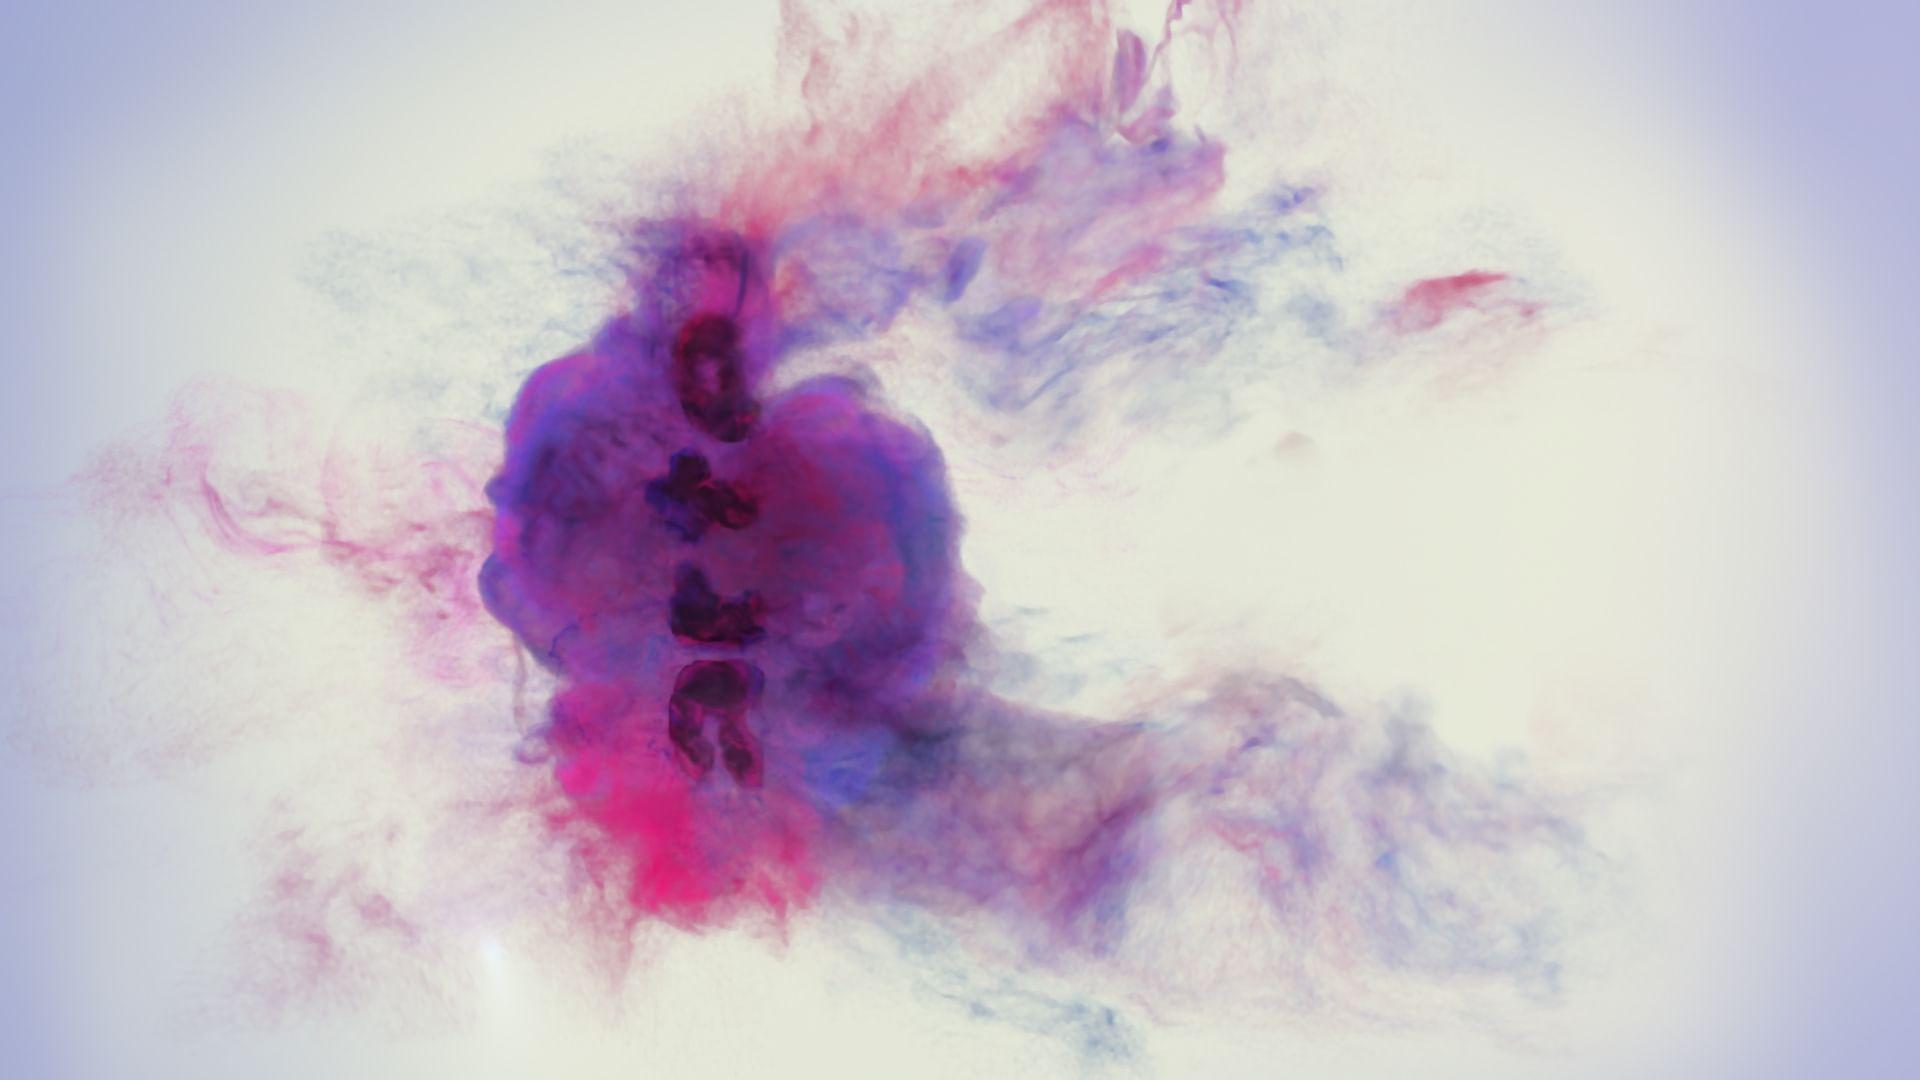 Le petit panda de l'Himalaya